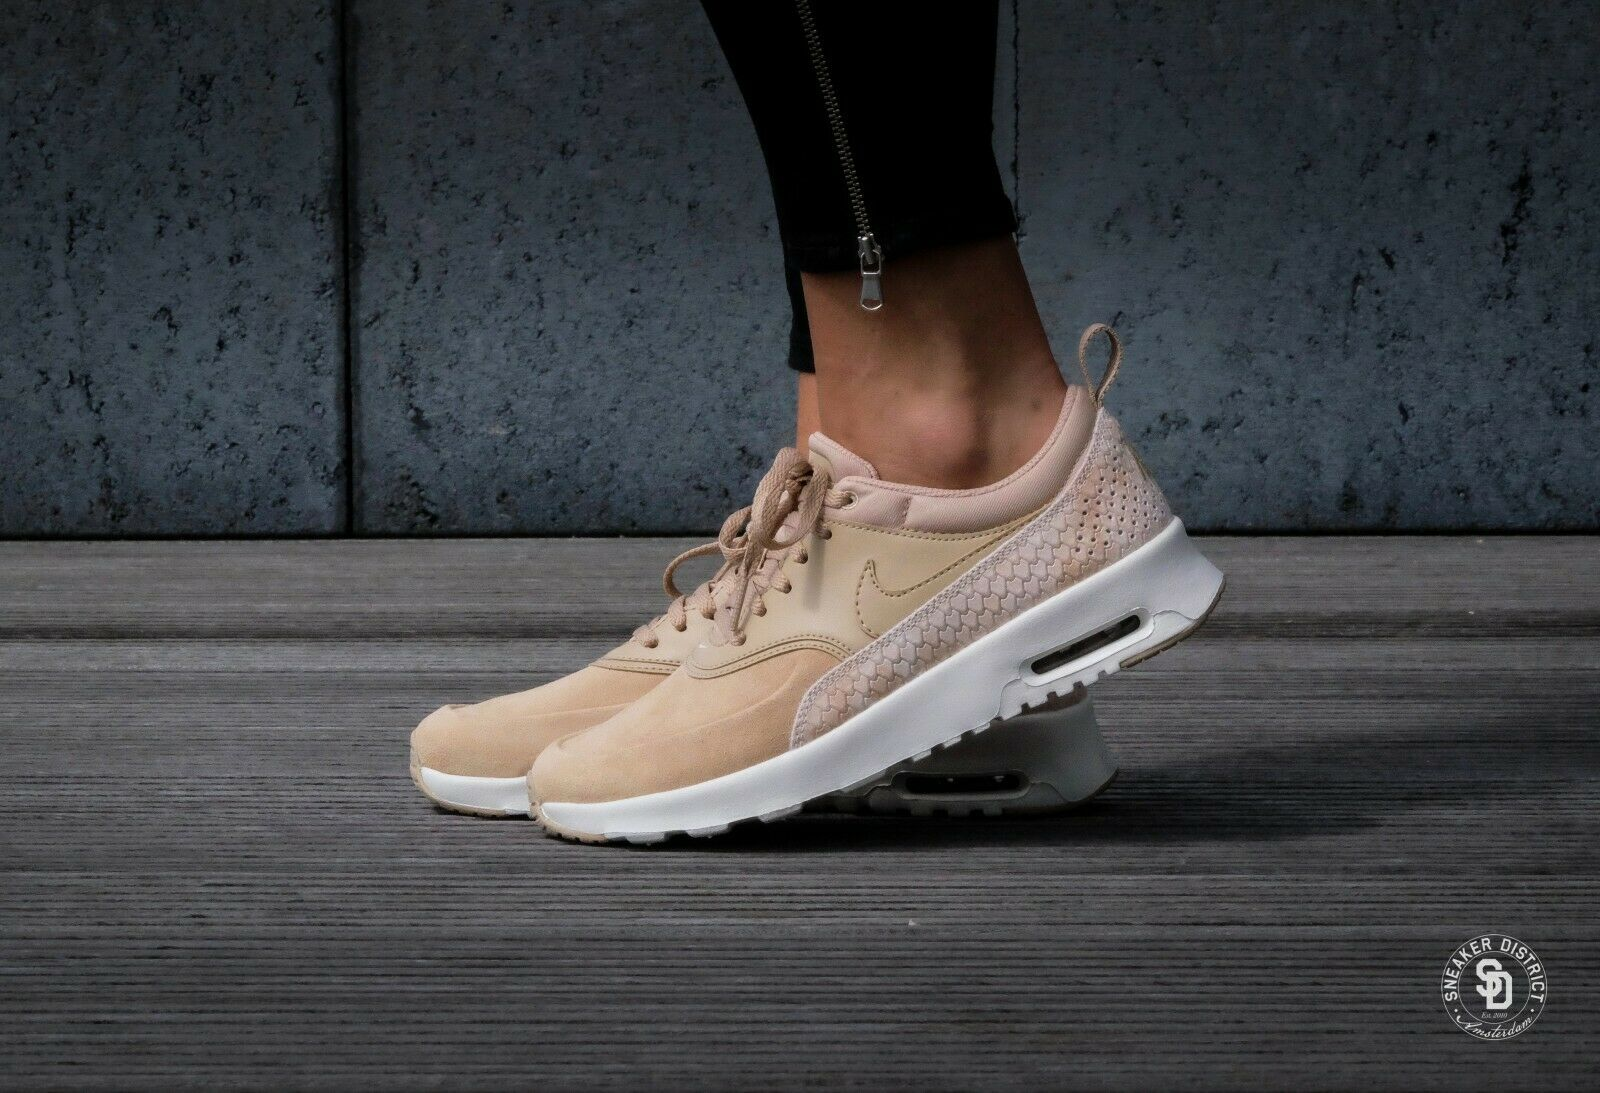 Détails sur Femme Nike Air Max Thea Premium Taille UK 3.5 beigeblanc (616723 203) afficher le titre d'origine